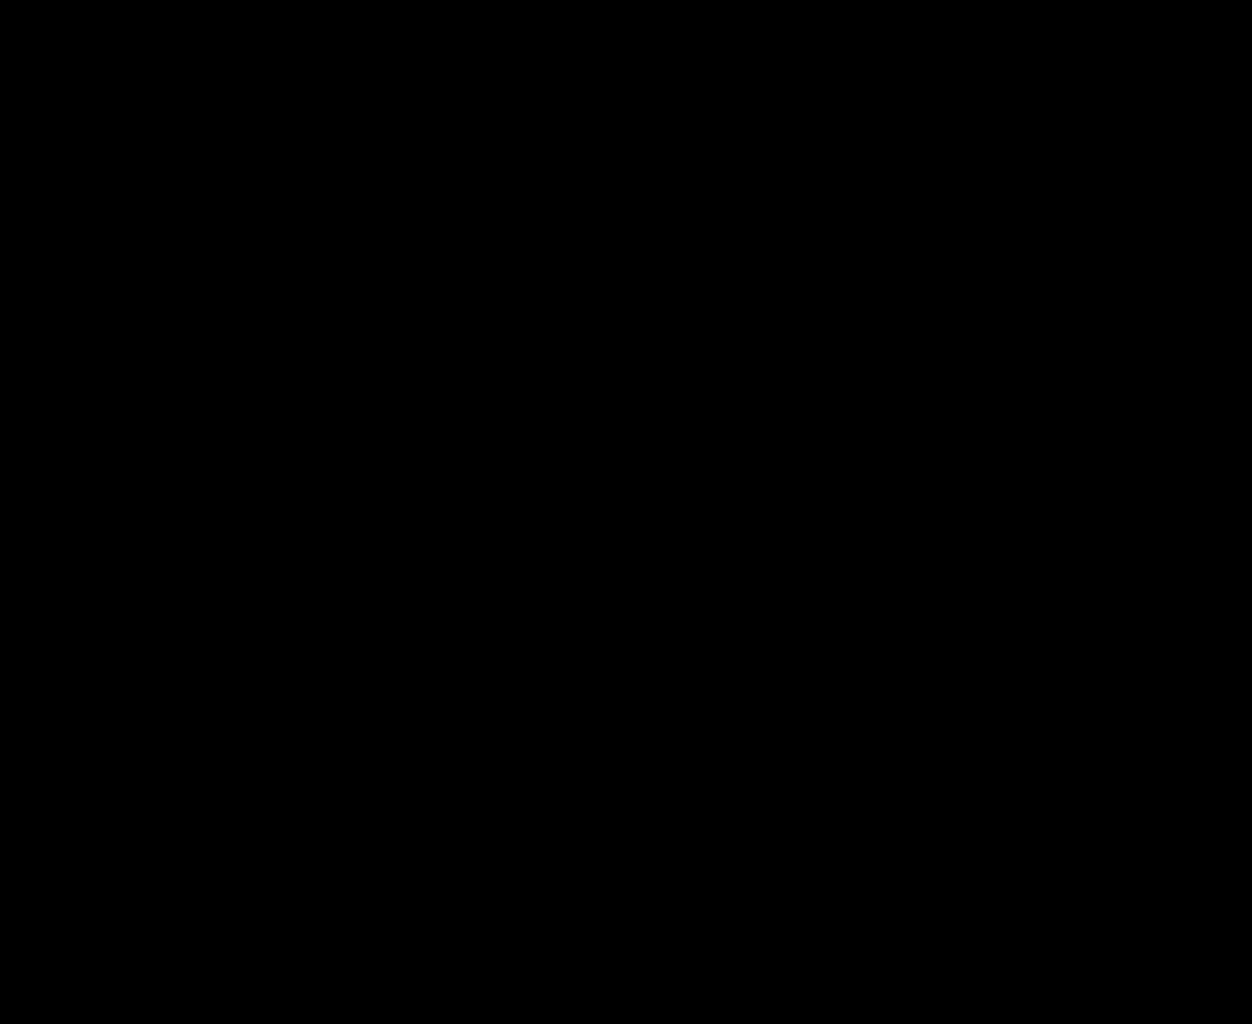 Logo Etos in PNG